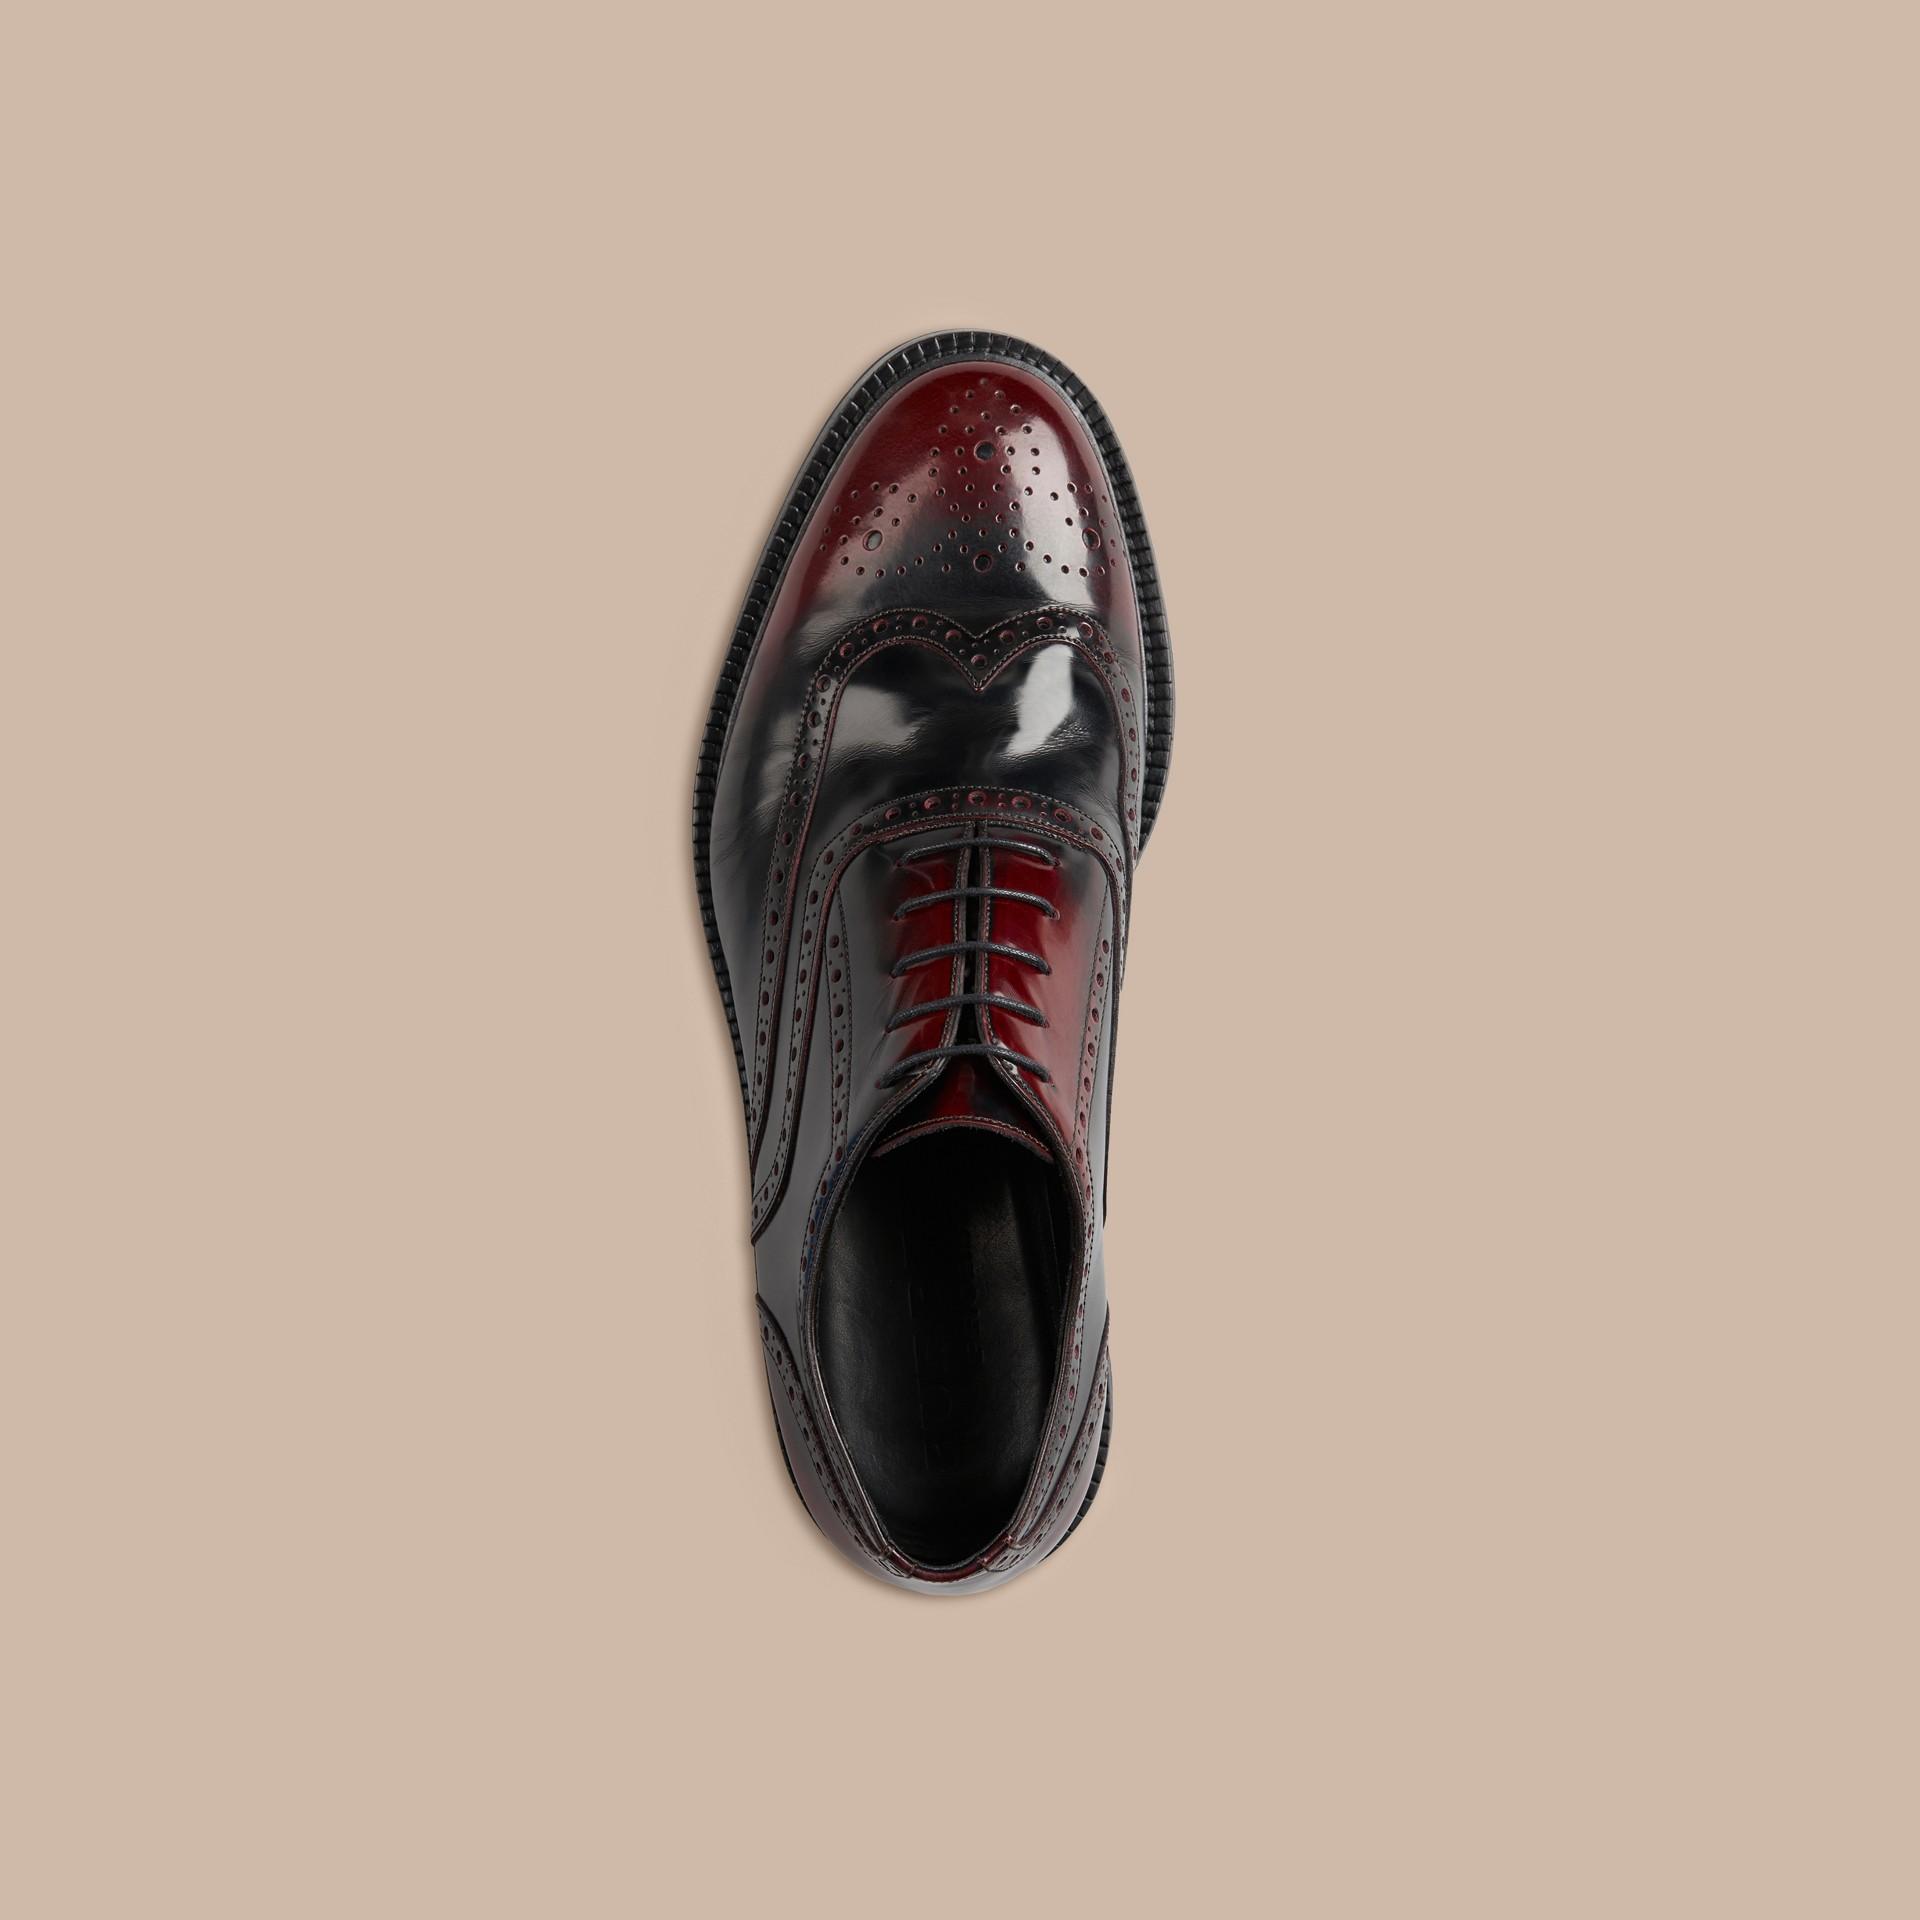 Bordô Sapato em estilo brogue e bico fino com sola de borracha - galeria de imagens 3